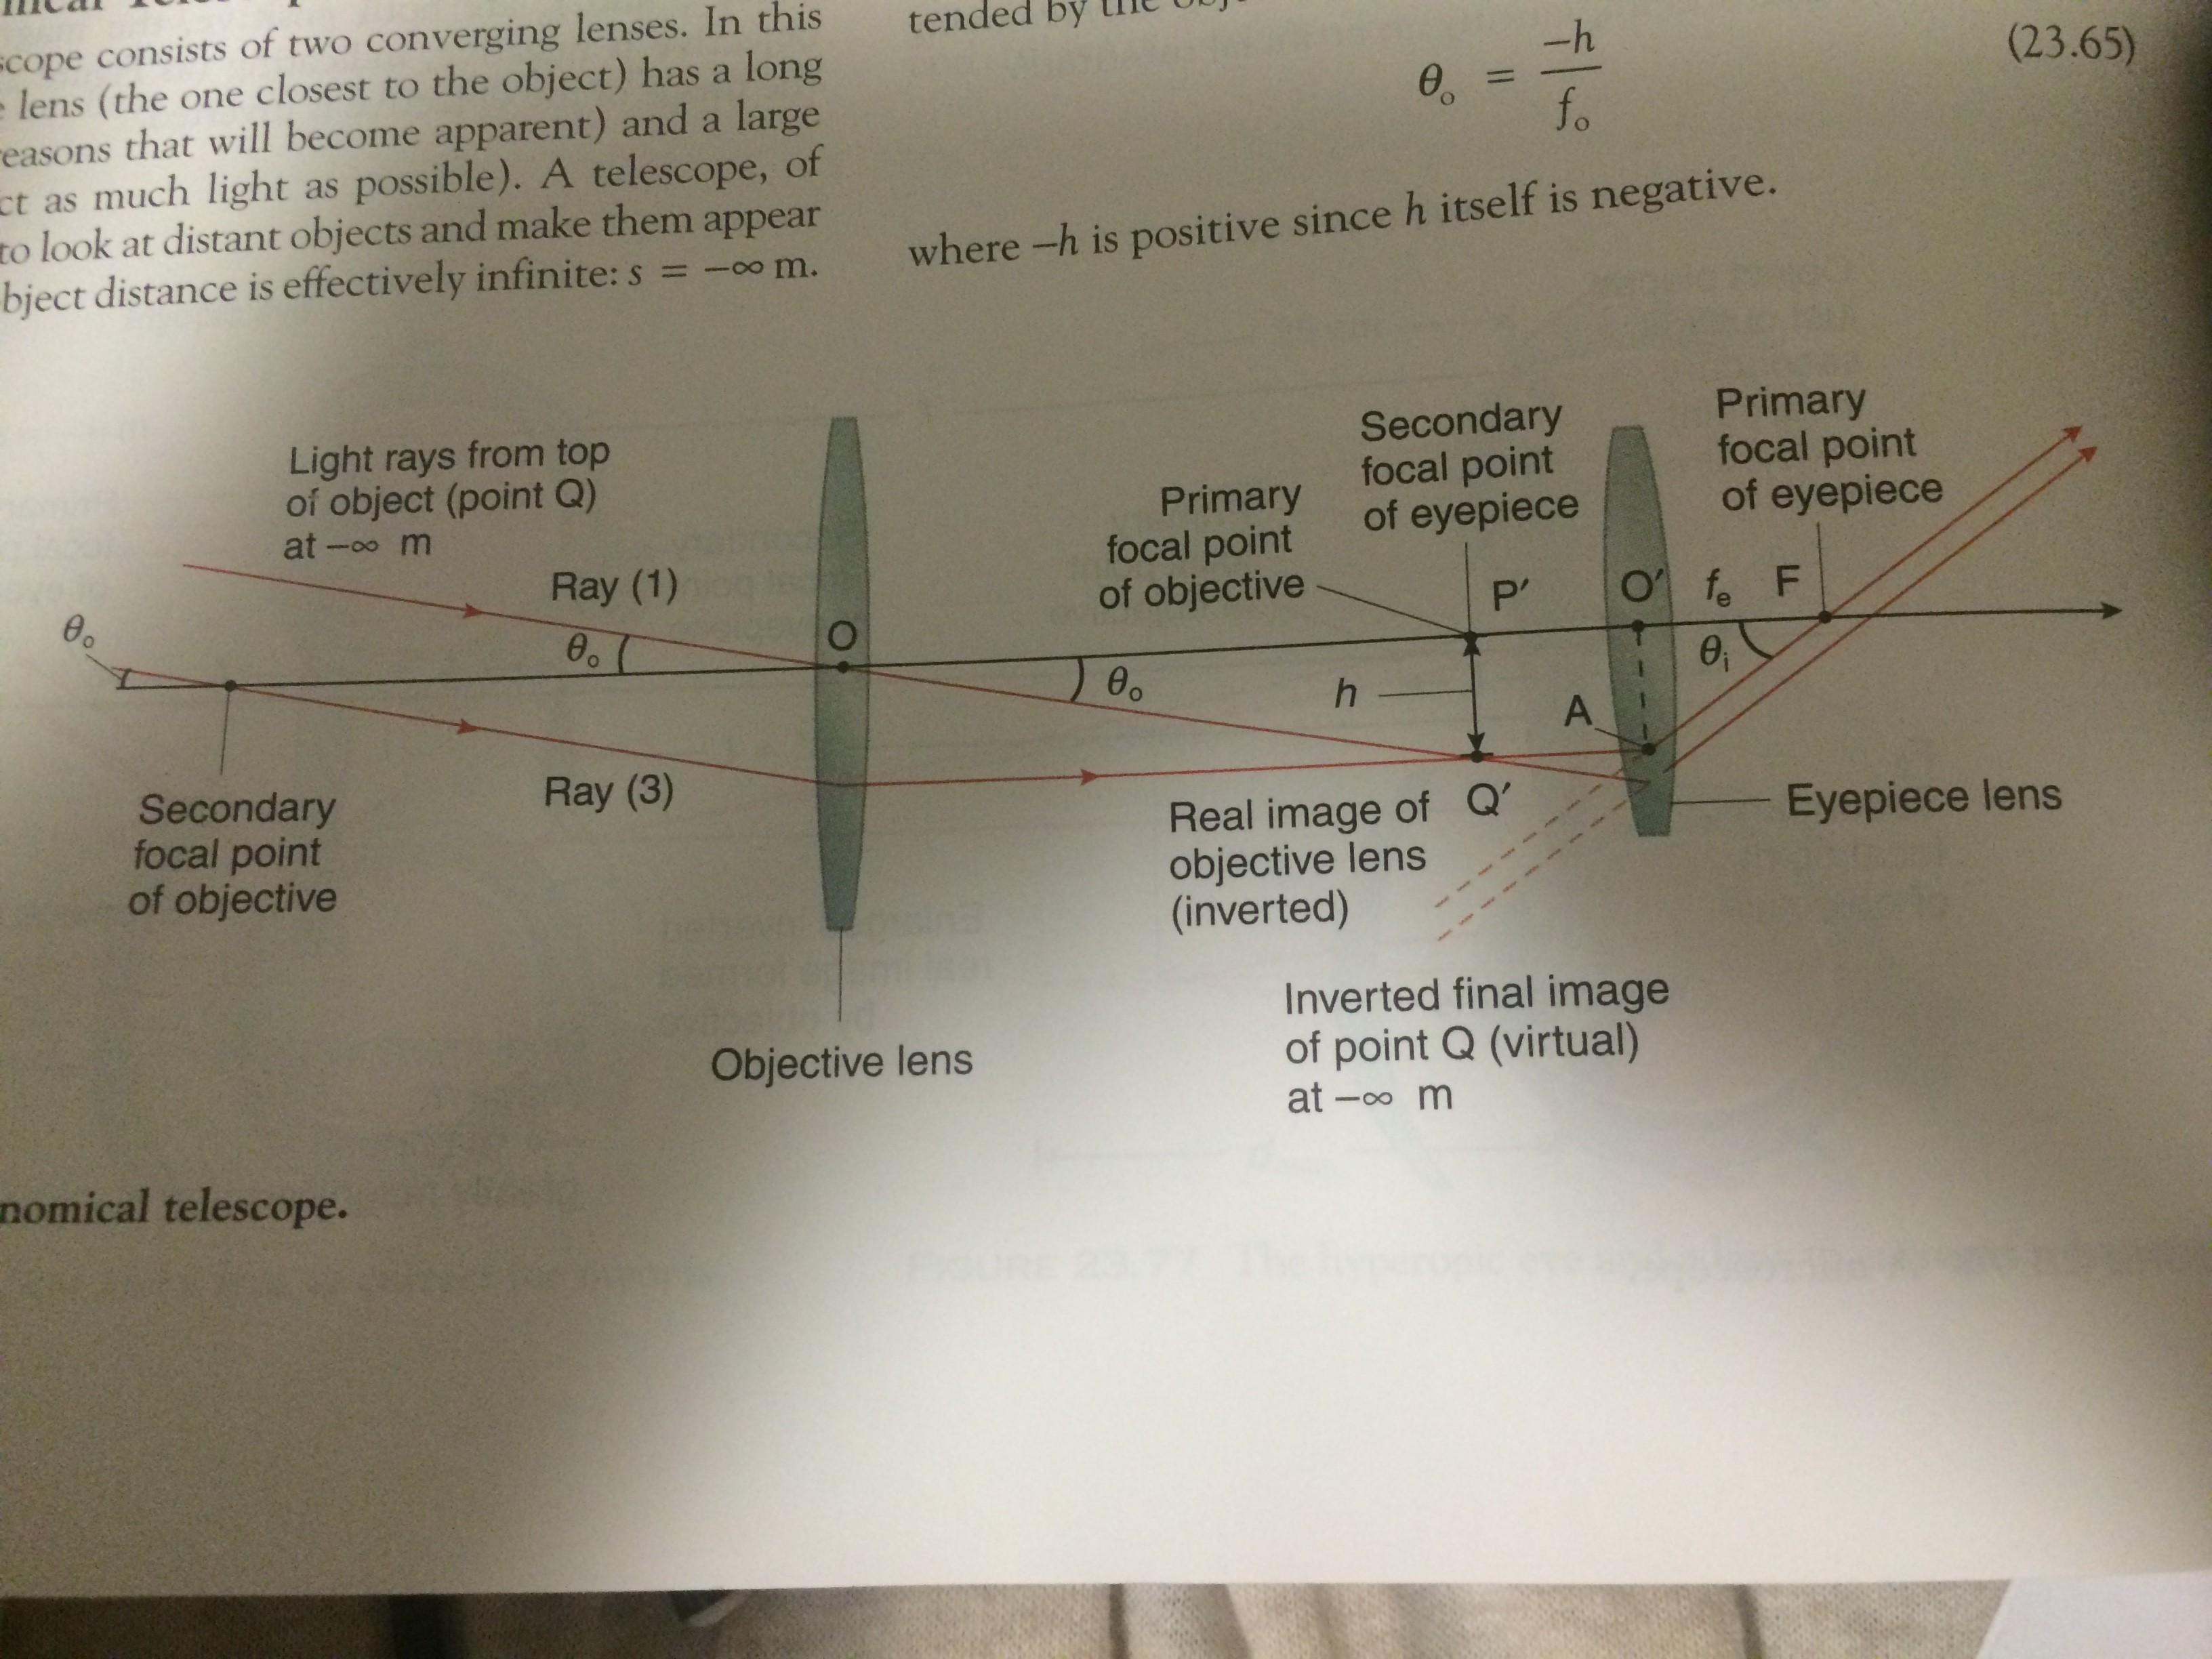 Lens u2013 physics 114 @ w&l